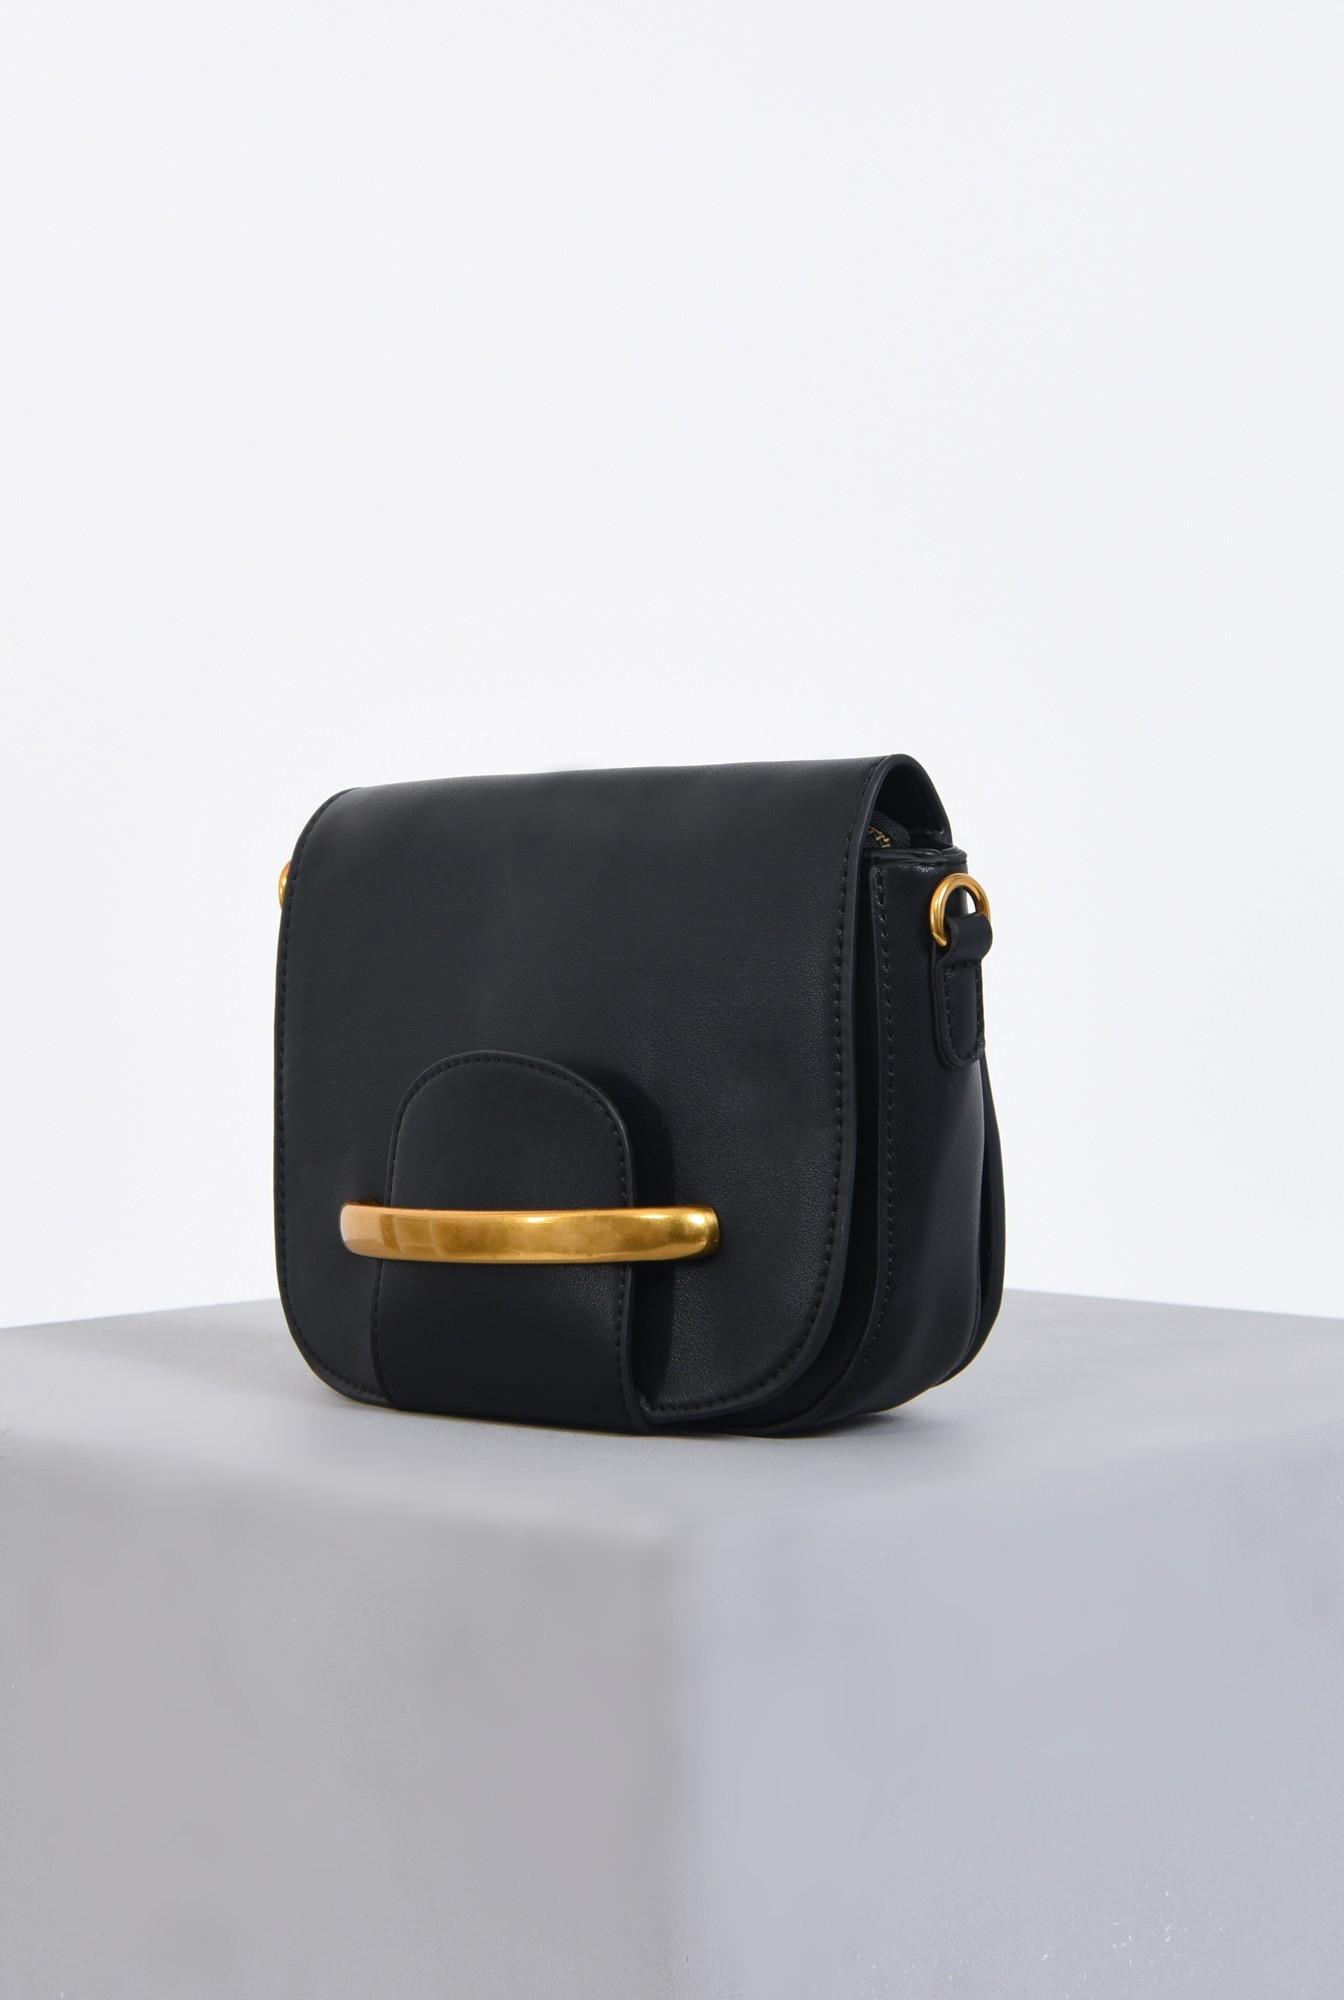 1 - geanta casual, negru, auriu, bareta, detasabila